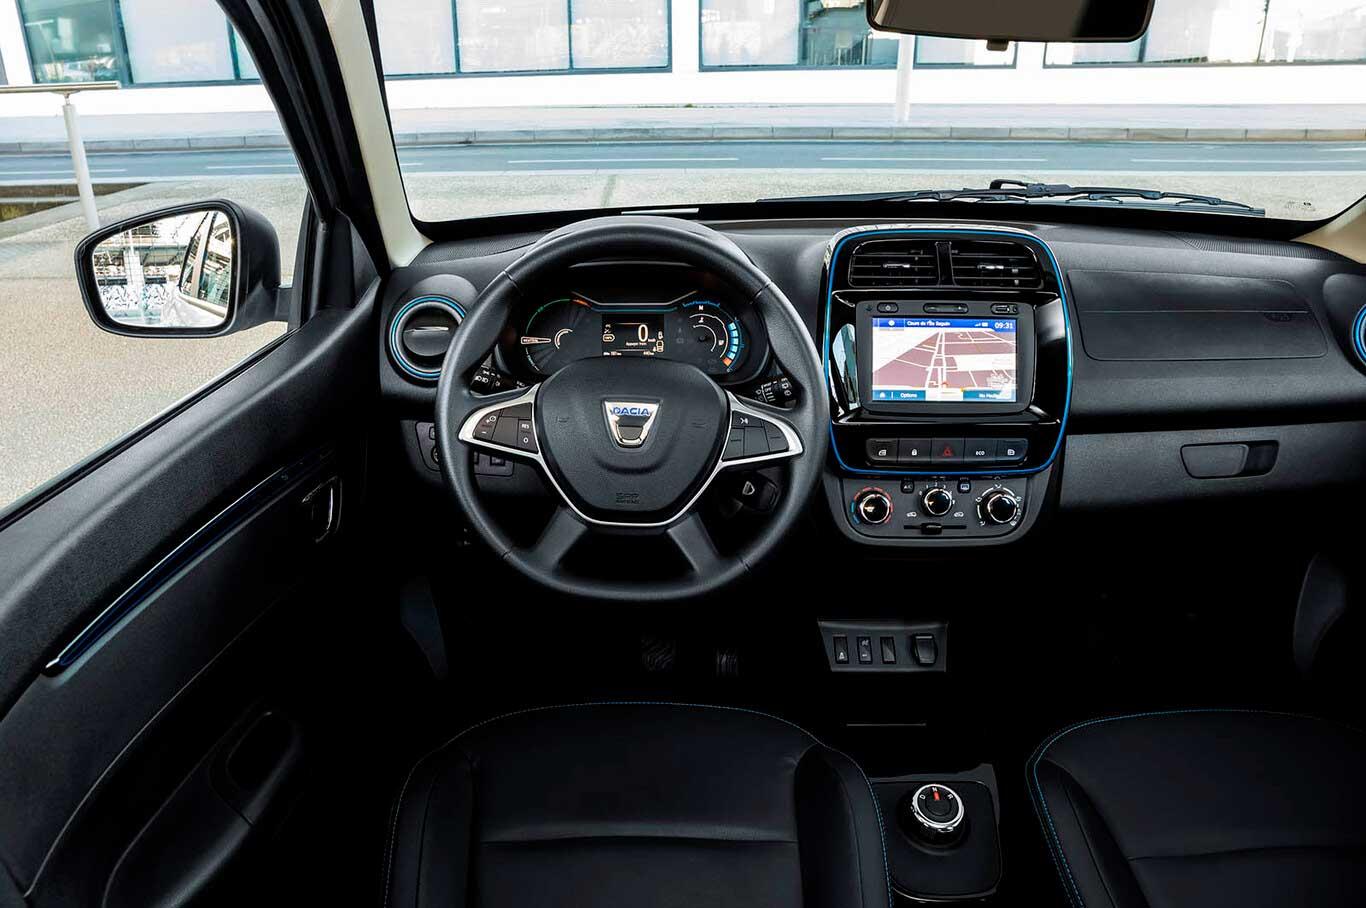 Nuevo Dacia Spring - El coche eléctrico a un precio Dacia